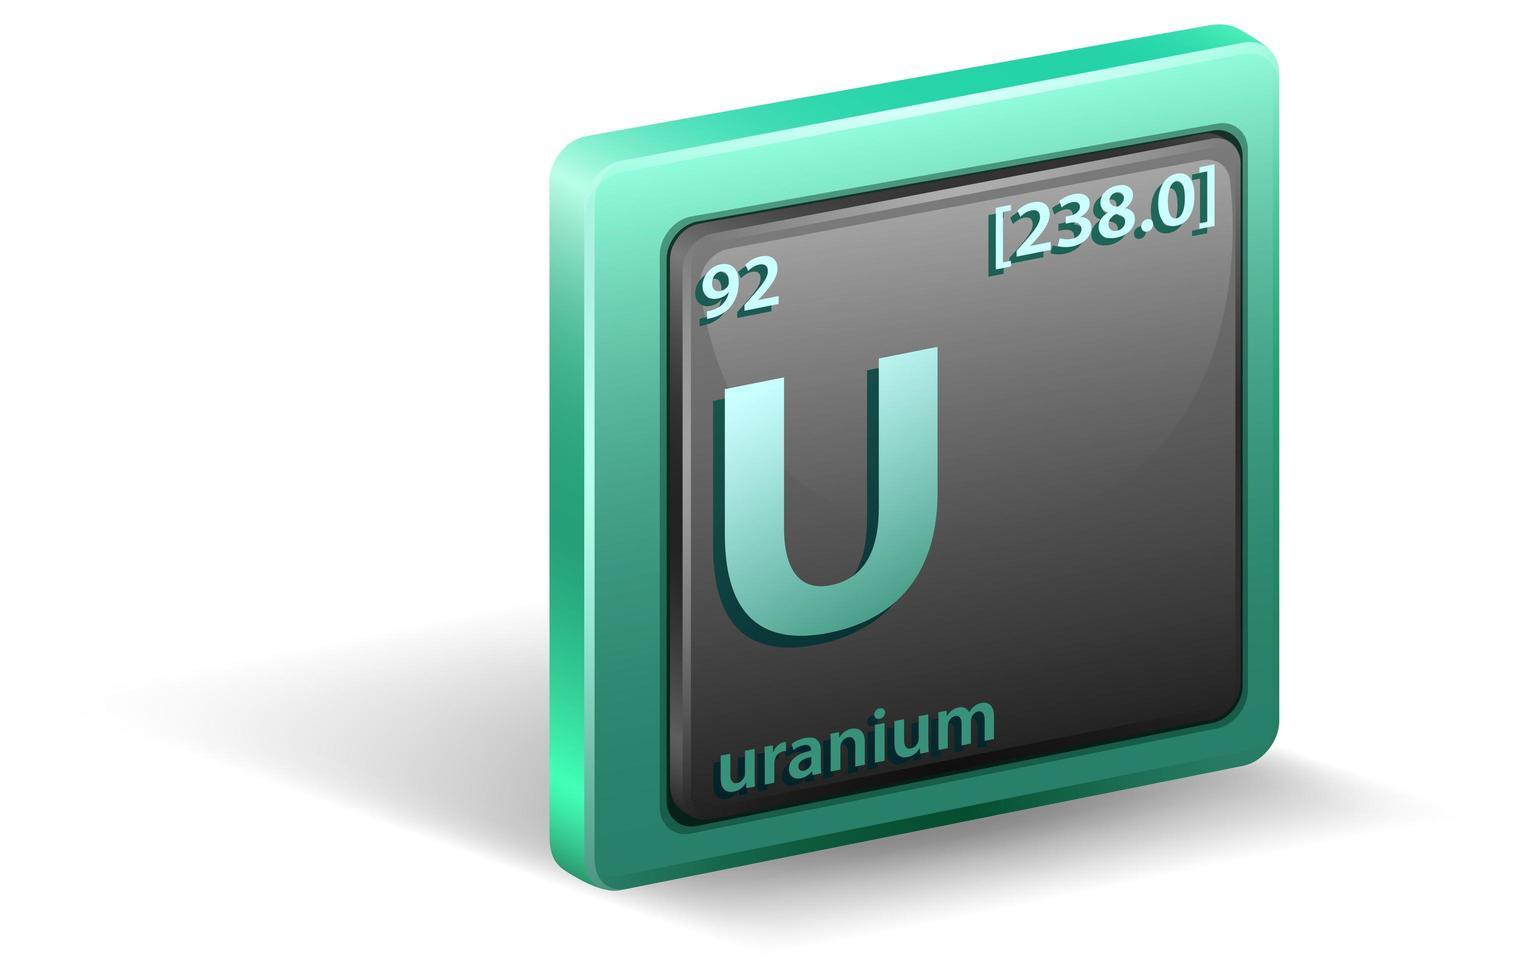 elemento químico de uranio. símbolo químico con número atómico y masa atómica. vector